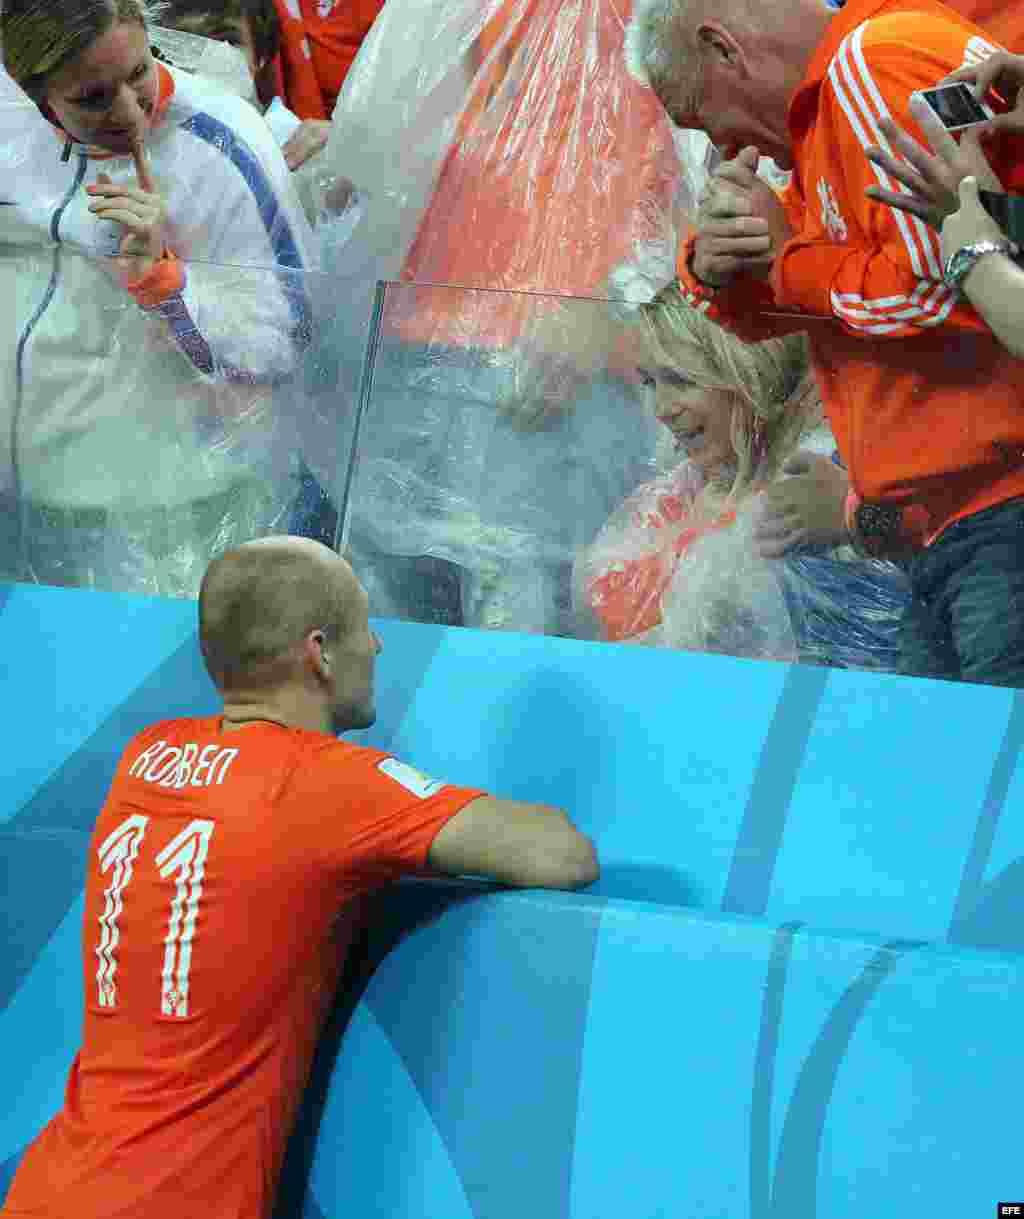 Argentina Vs. Holanda... la otra cara de la moneda